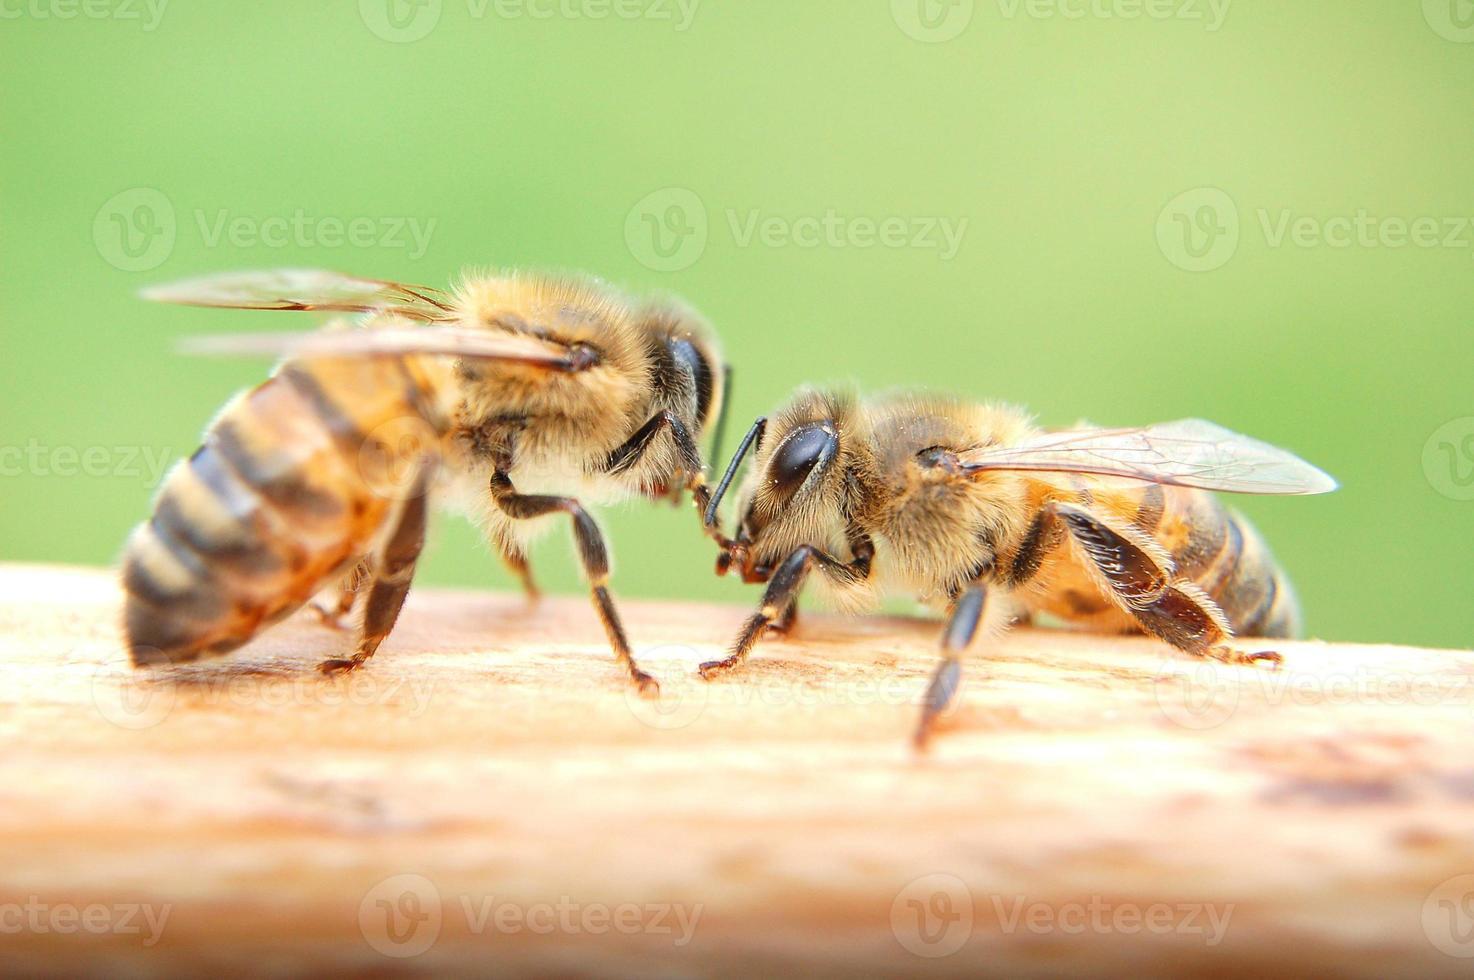 primer plano de las abejas comiendo miel foto